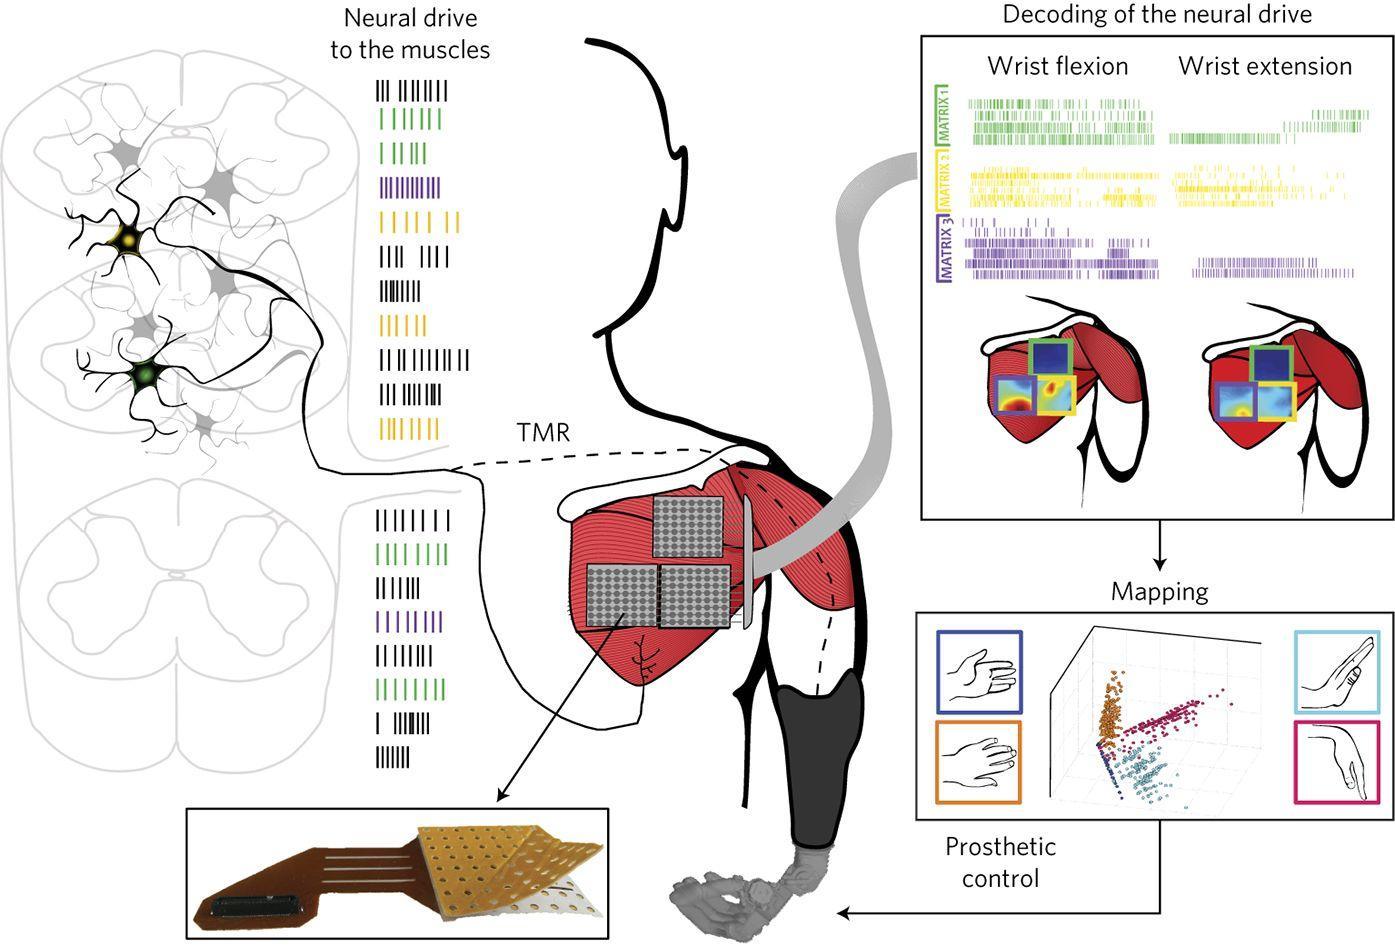 Сенсорная технология для роботизированного протеза руки увеличила количество движений